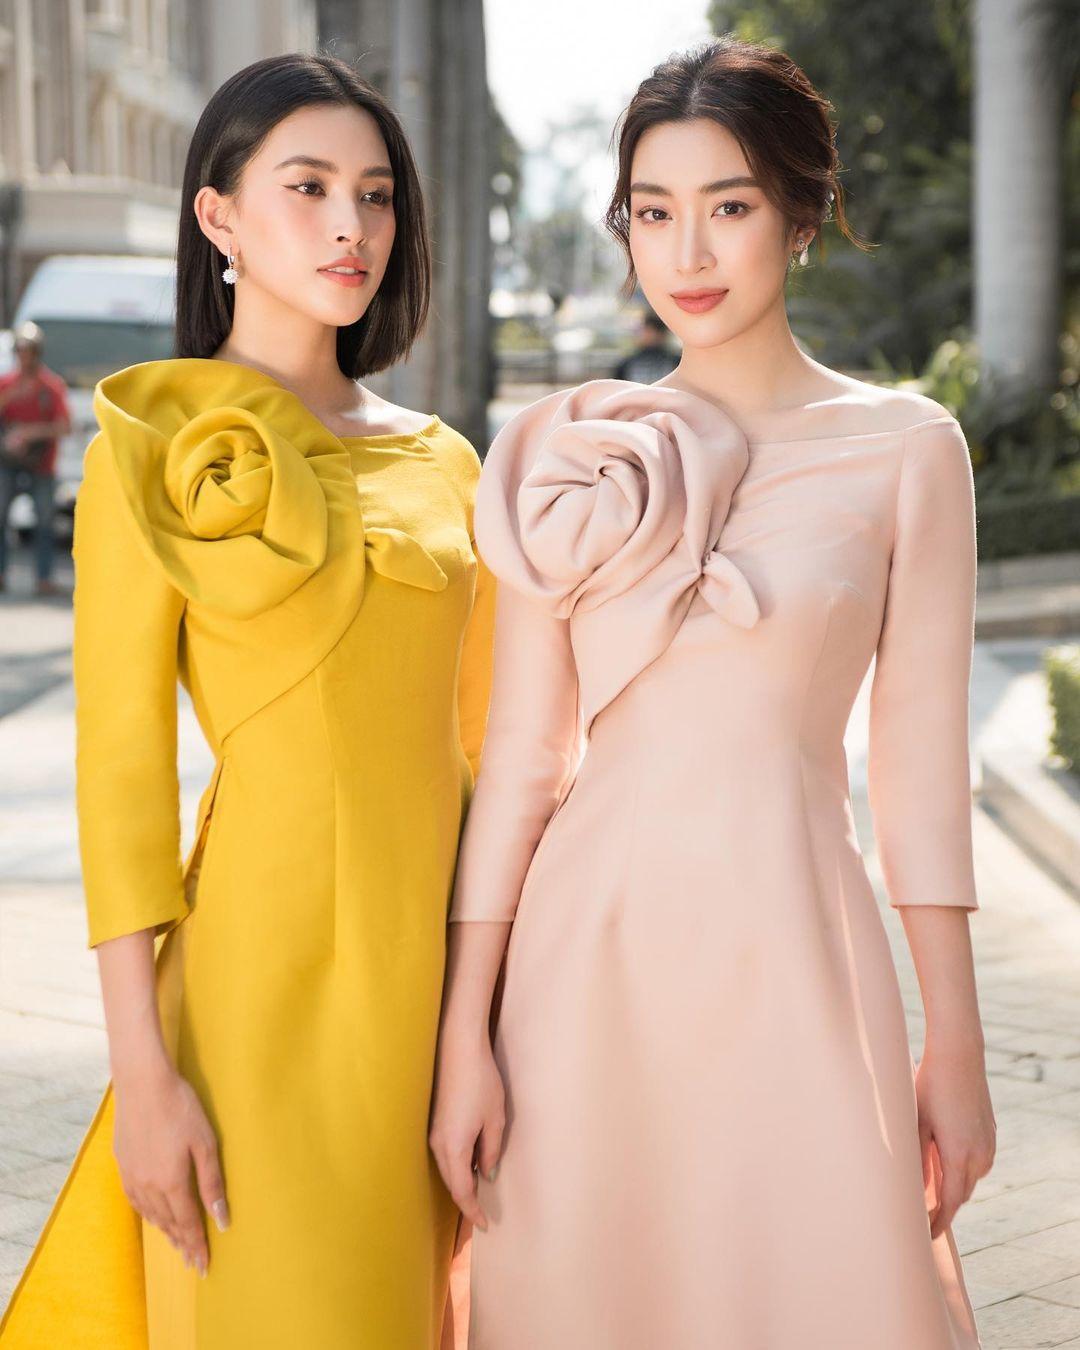 Sao Việt rộn ràng diện áo dài đón Tết sớm, kiểu hot hit nhất năm nay nằm cả ở chi tiết này - Ảnh 9.